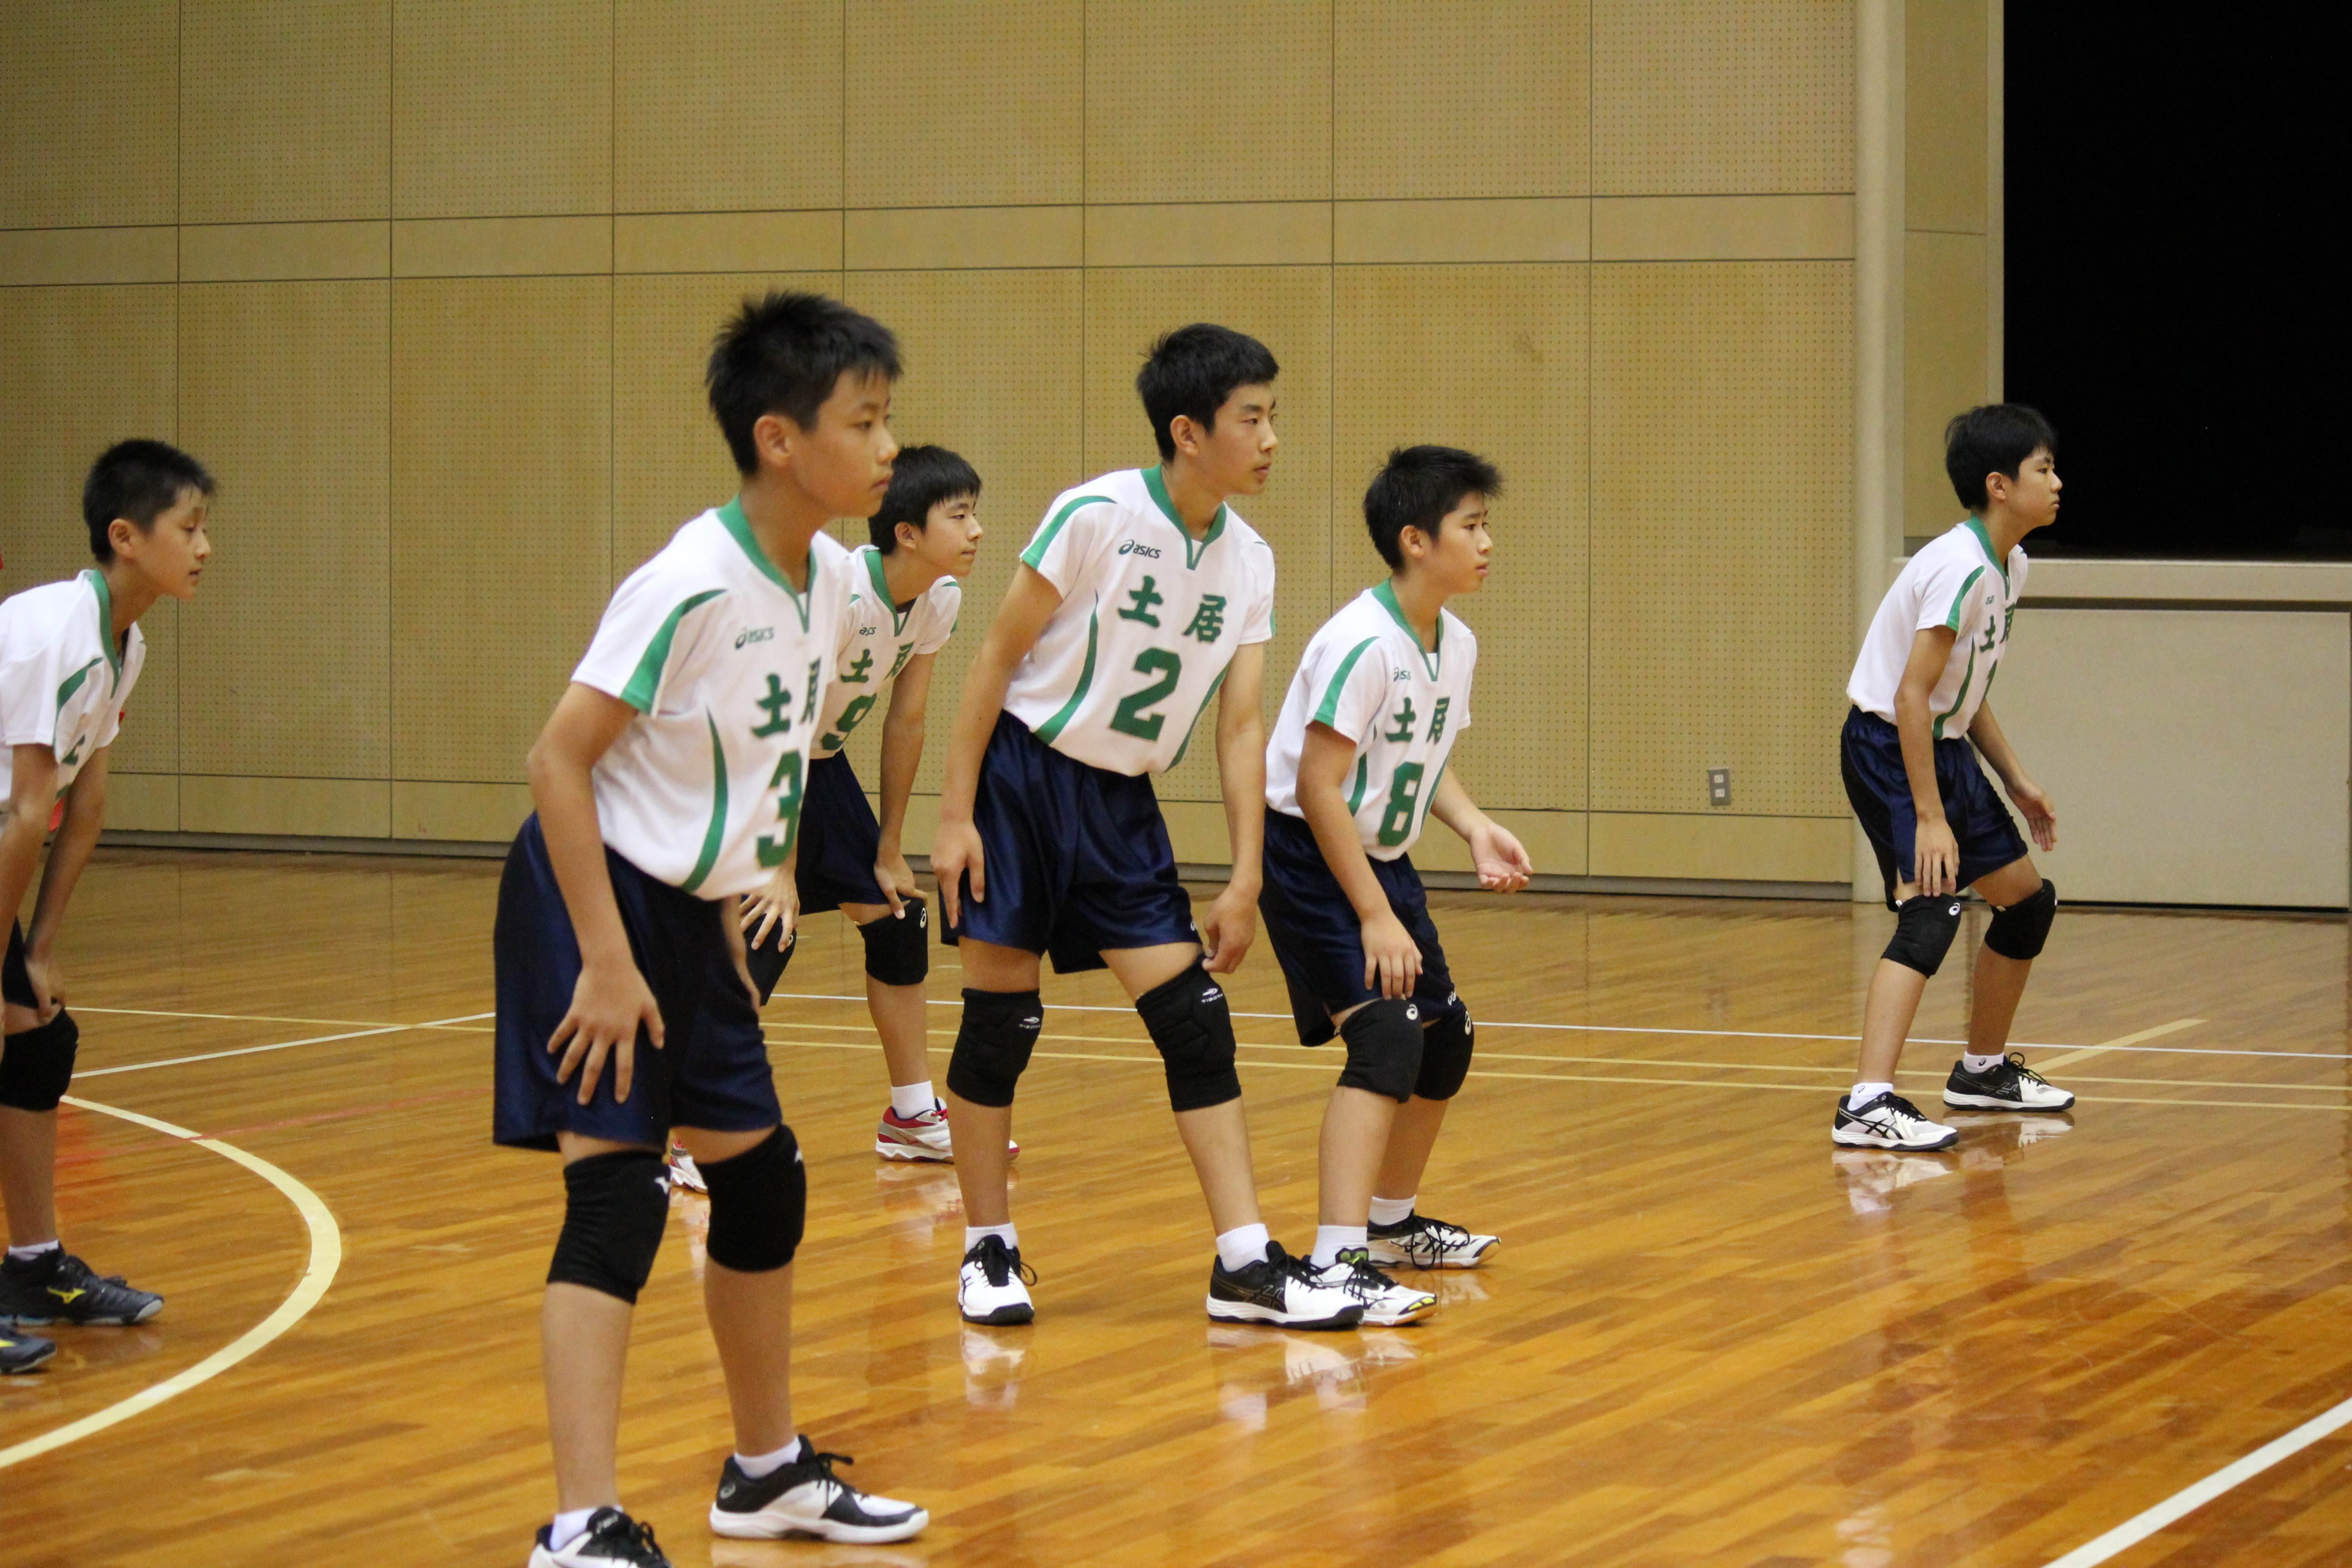 バレーボール (519)